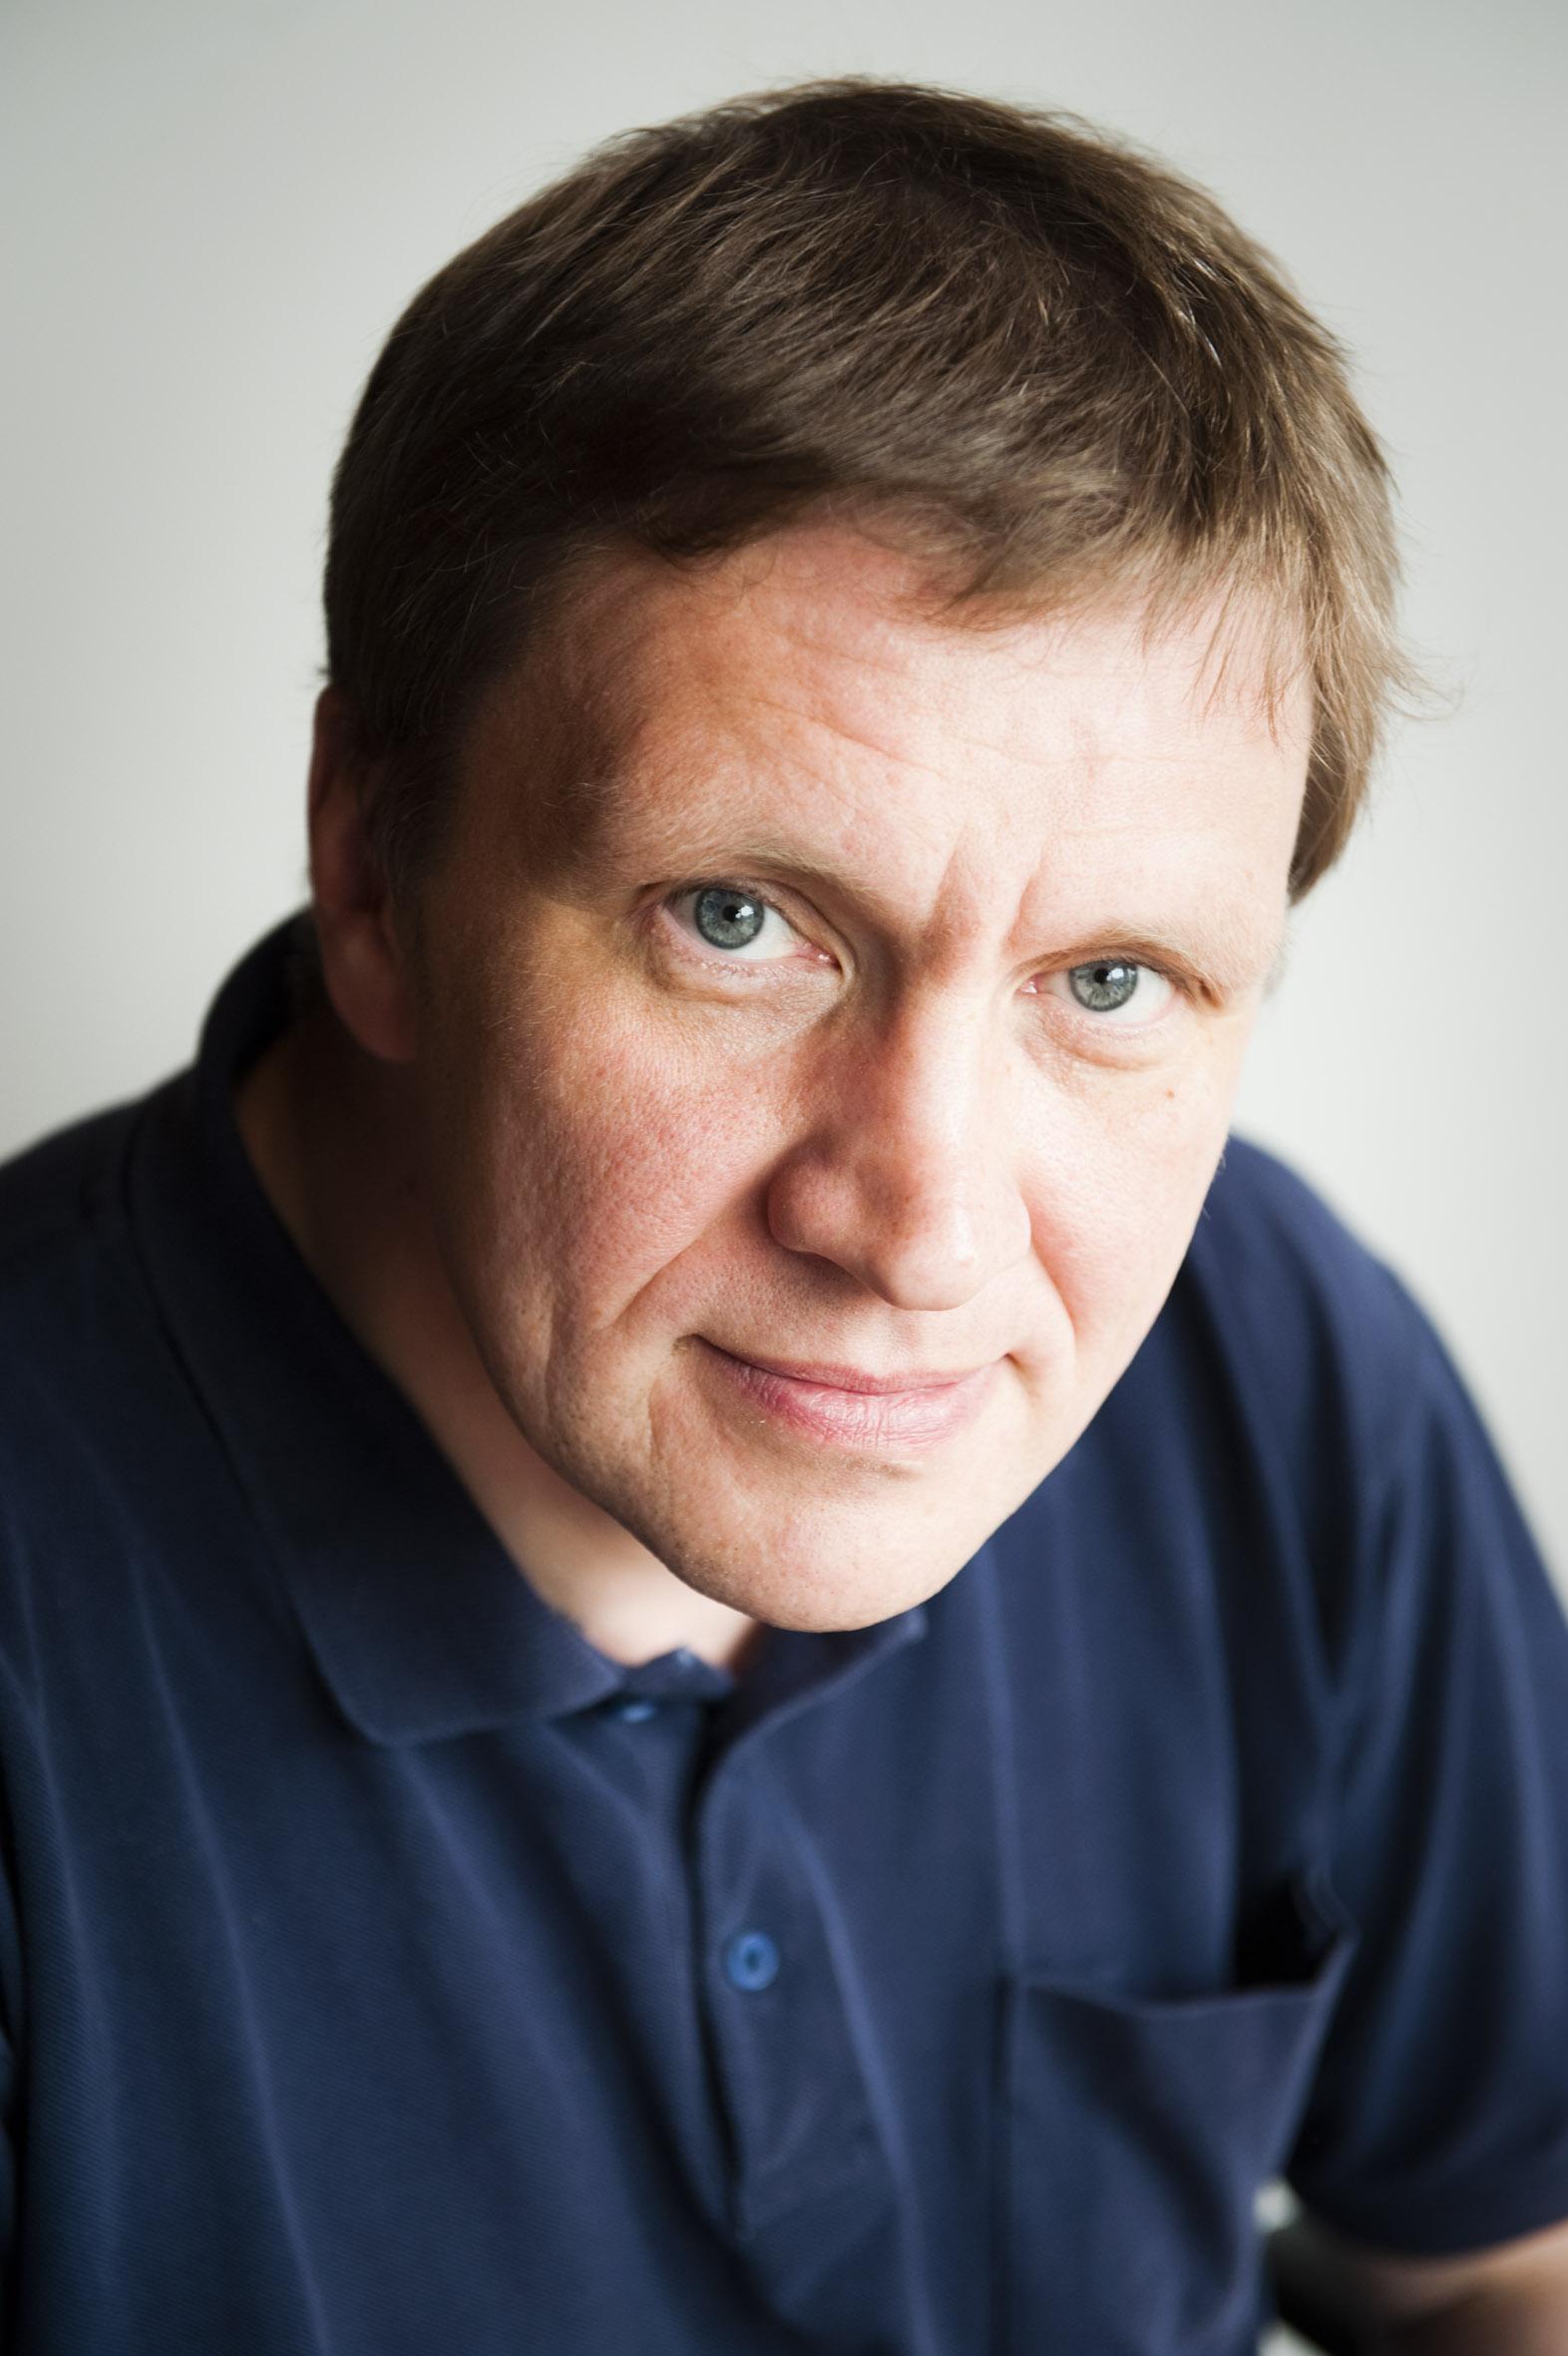 Andrey Anisimov